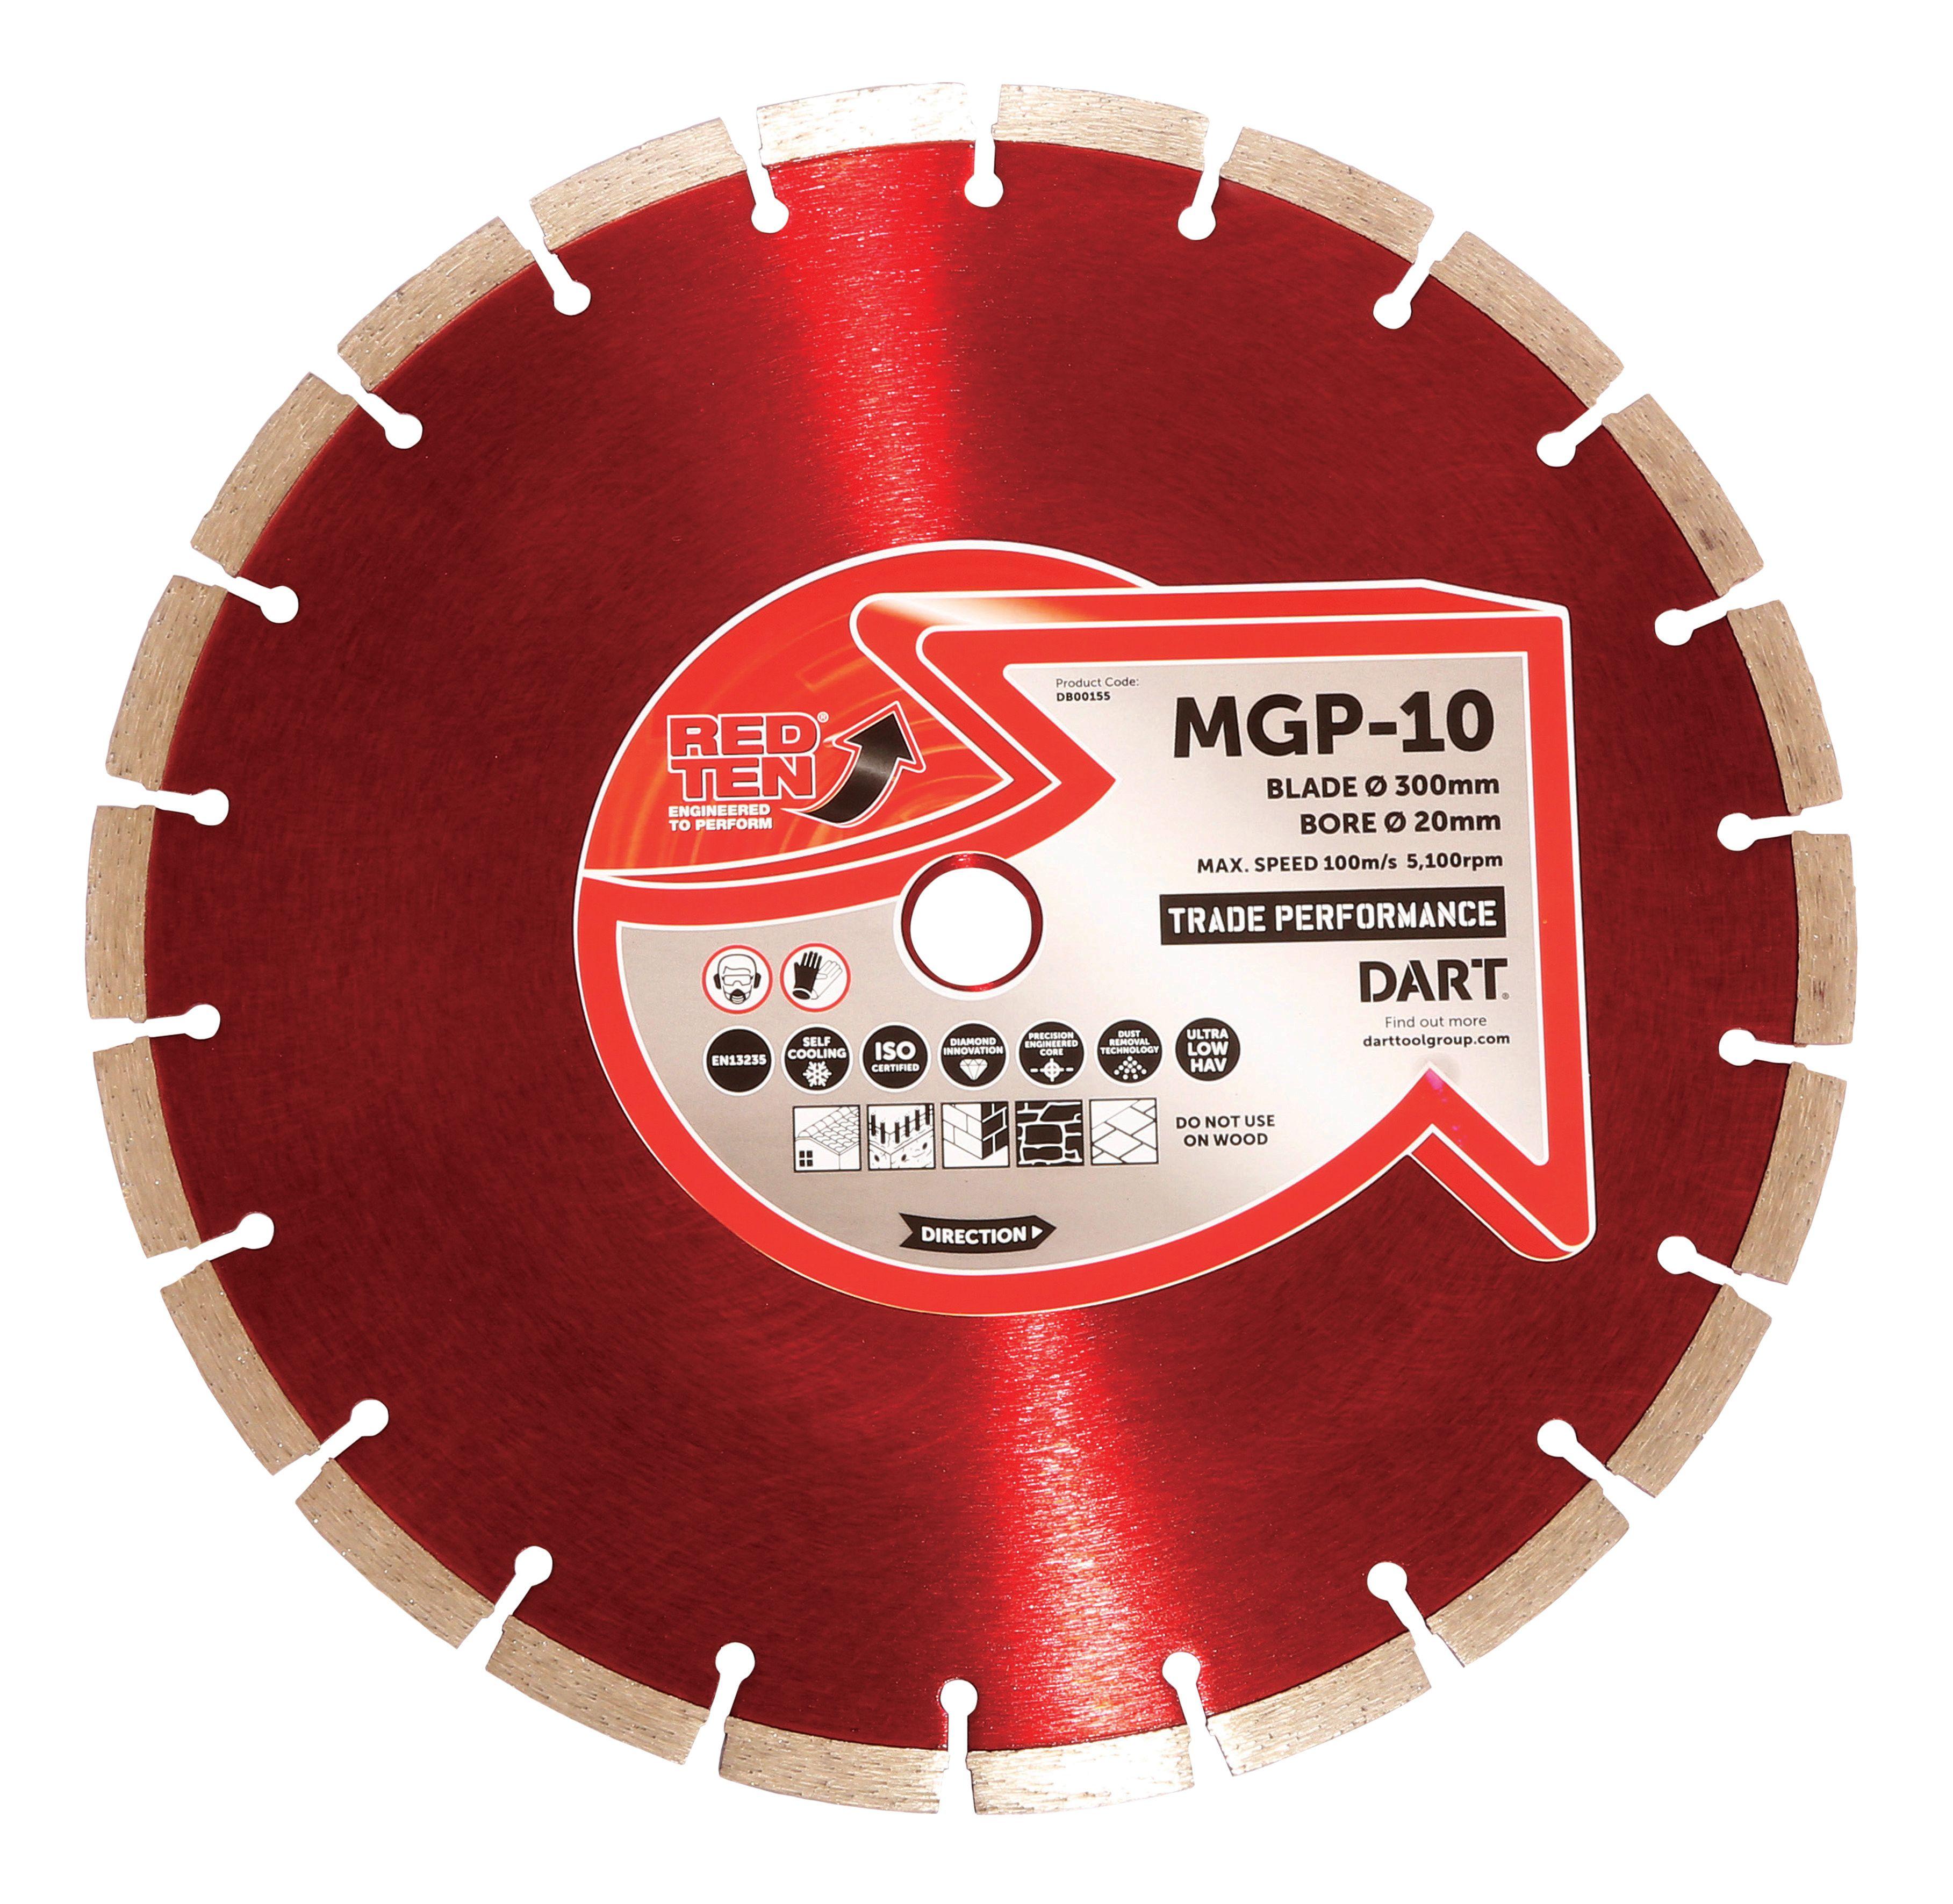 DART RED TEN MGP 10 DIAMOND BLADE 300D x 20B